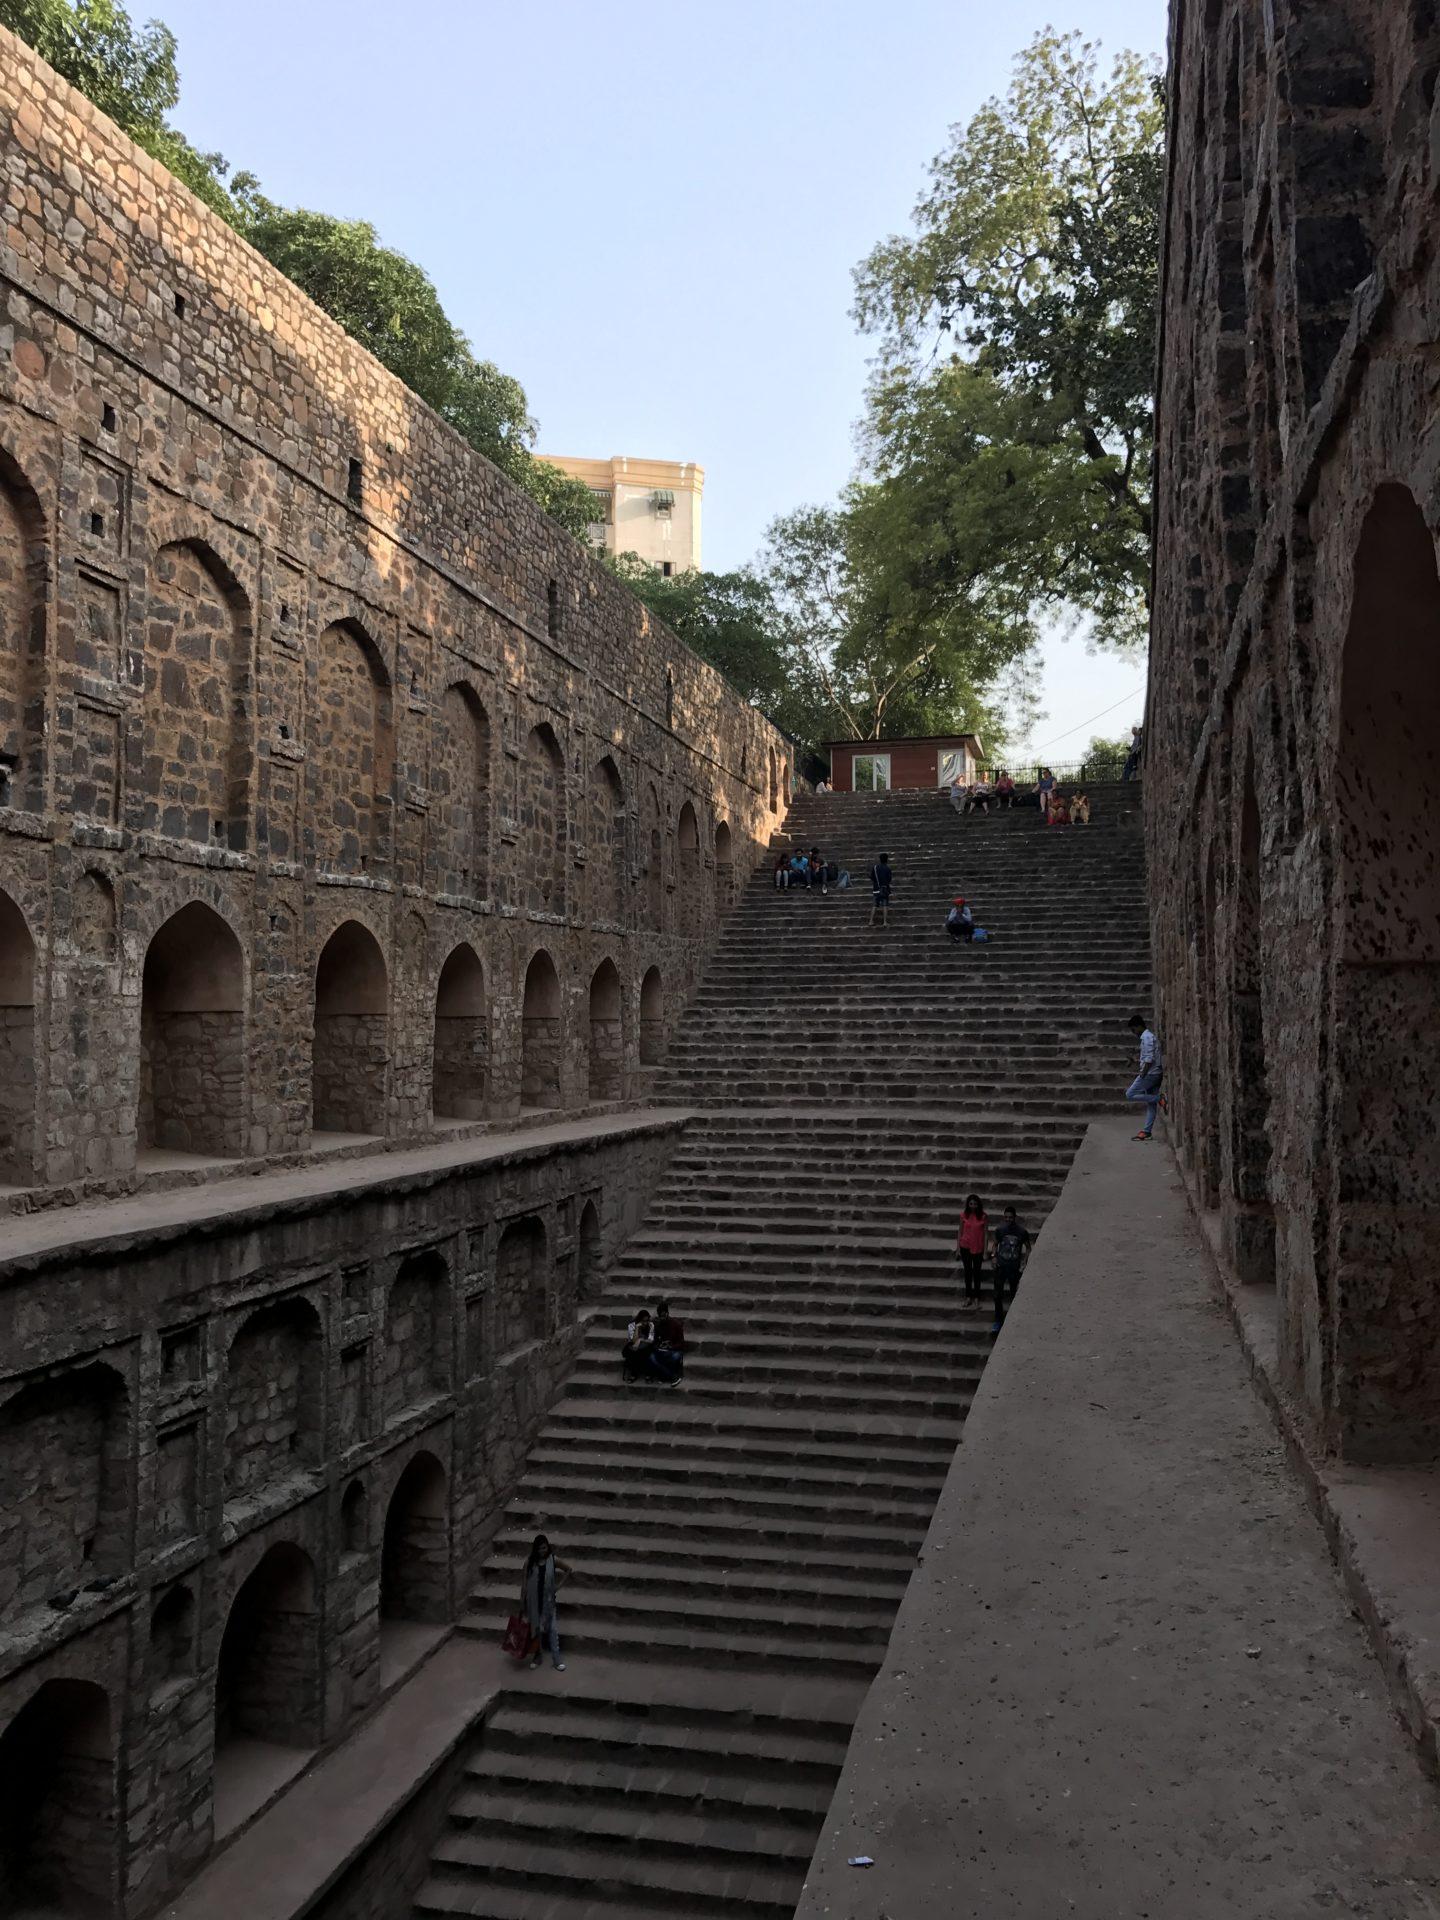 Agrasen Ki Baoli – Delhi's Hidden Treasure